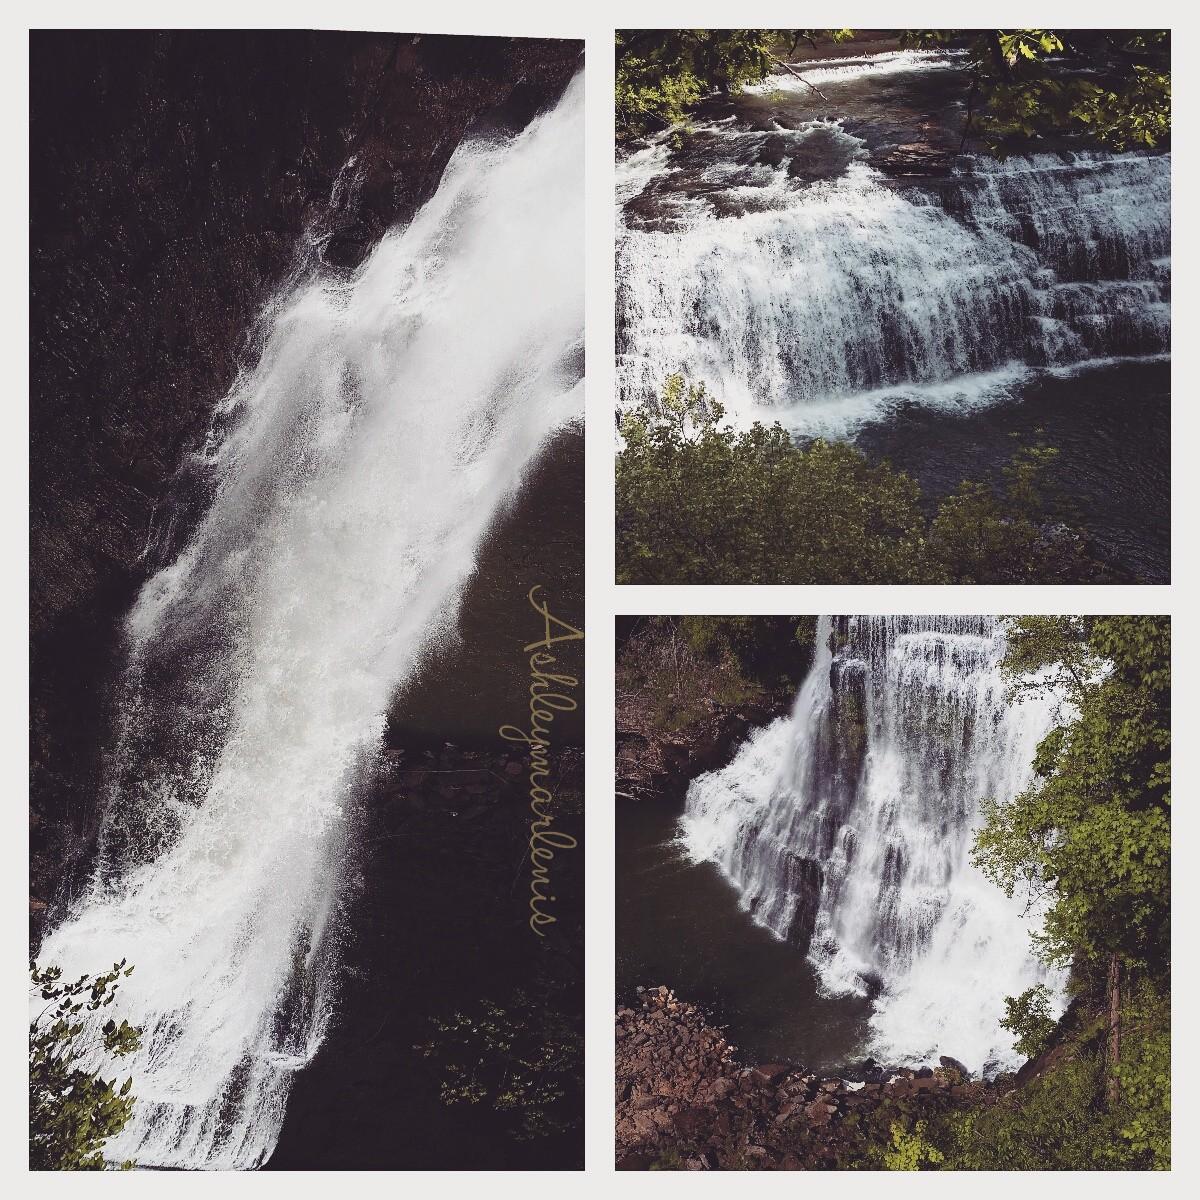 TN Waterfalls- Burgess Falls